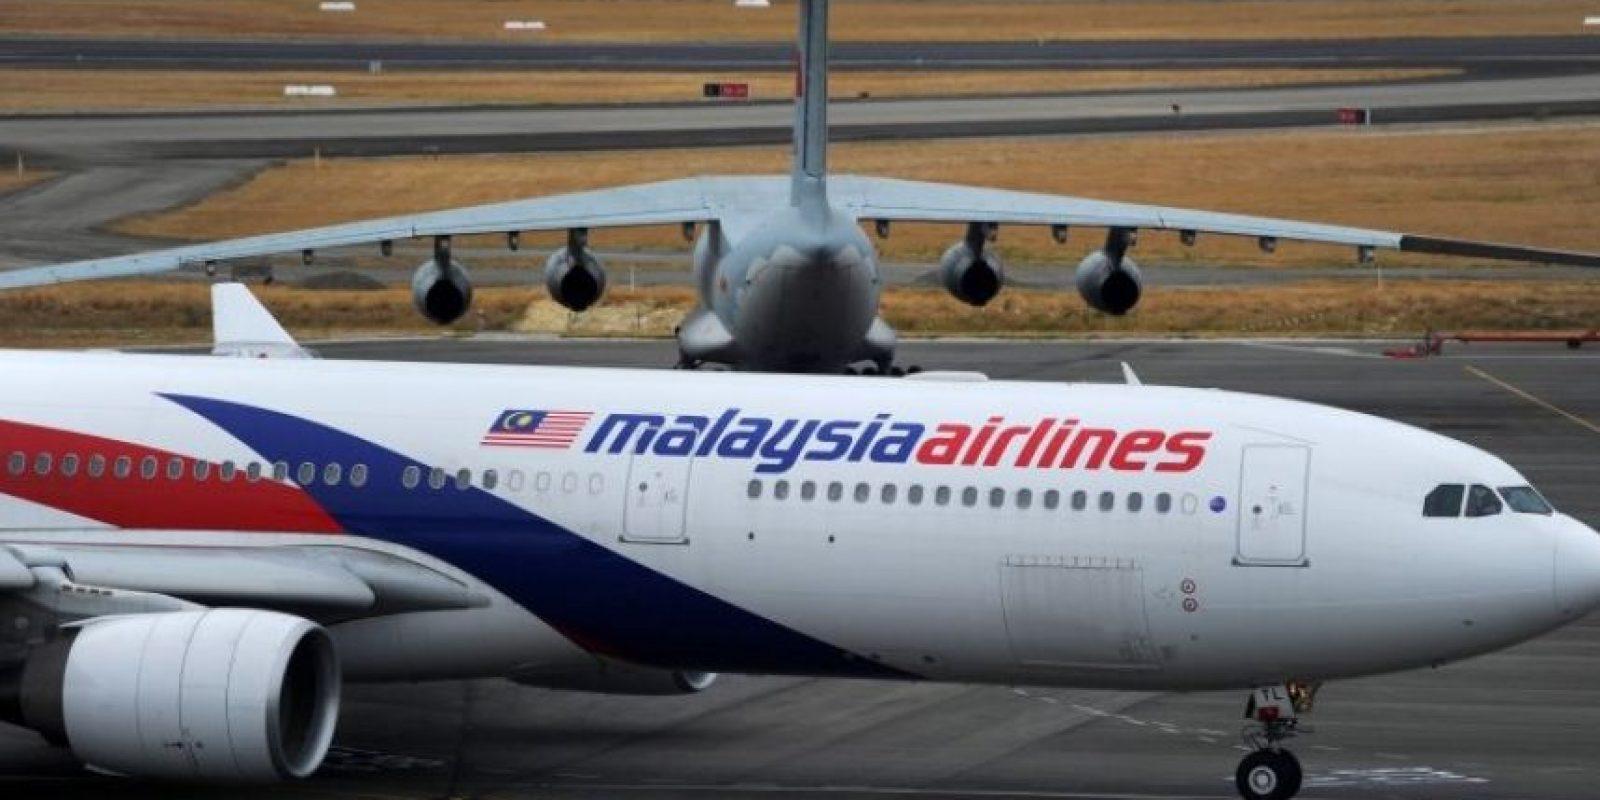 Fue el primer accidente de Malaysia Airlines de 2014 Foto:Getty Images